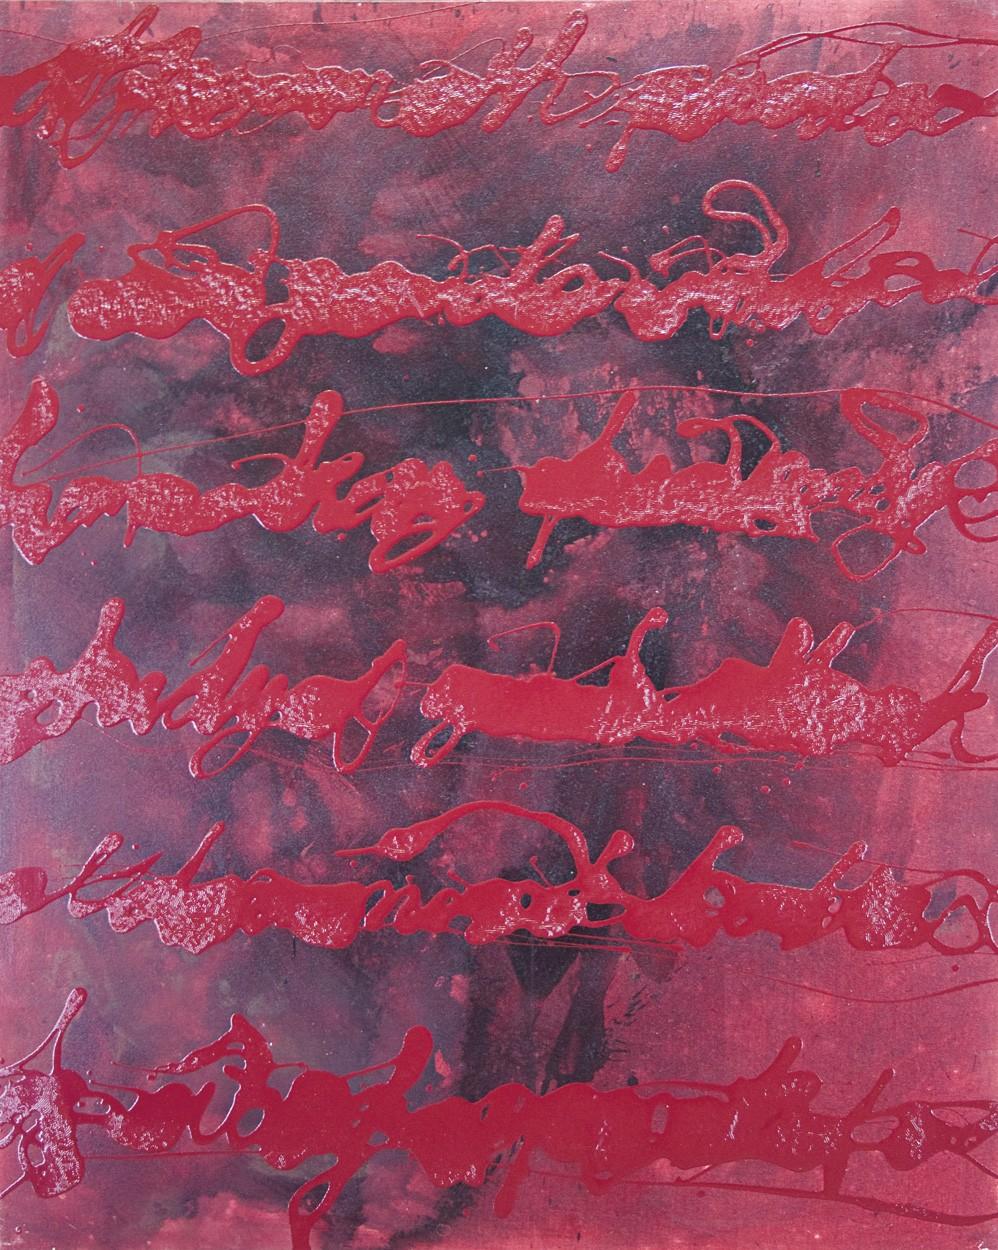 Entscheidender Beweis | Smoking Gun | Künstler Marek Schovanek, Stenografie Serie, Beize und Glasurlack auf Leinwand